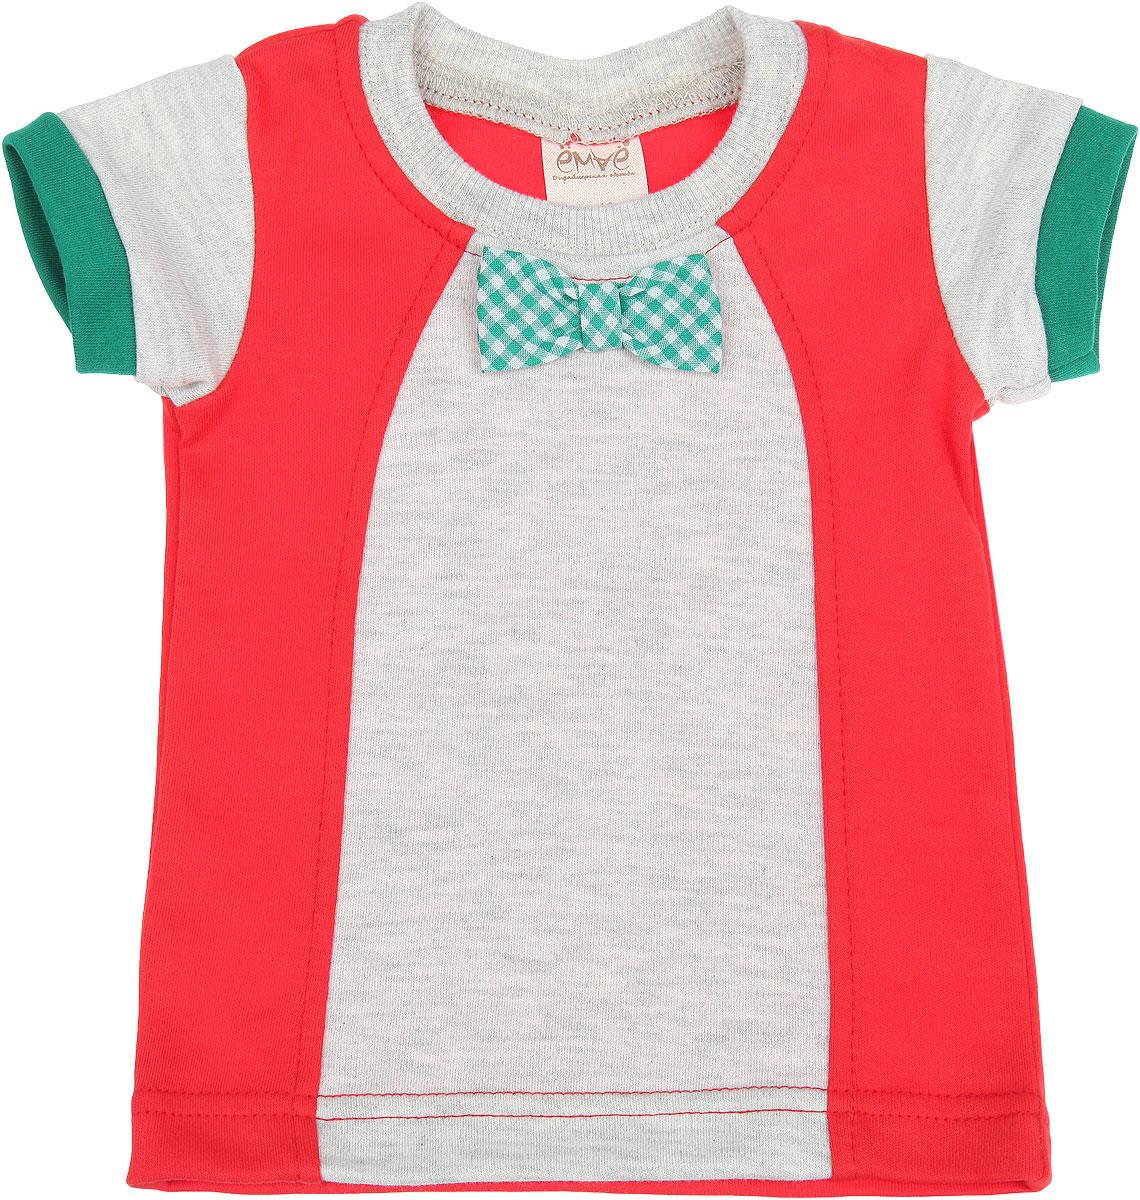 Футболка детская. 27-63627-636Стильная детская футболка Ёмаё идеально подойдет вашему ребенку. Изготовленная из натурального хлопка, она мягкая и приятная на ощупь, не сковывает движения и позволяет коже дышать, обеспечивая комфорт. Футболка с короткими рукавами имеет круглый вырез горловины, дополненный мягкой трикотажной резинкой. Модель украшена бантом, оформленным принтом в клетку. Современный дизайн и расцветка делают эту футболку модным предметом детского гардероба. В ней ребенок всегда будет в центре внимания!